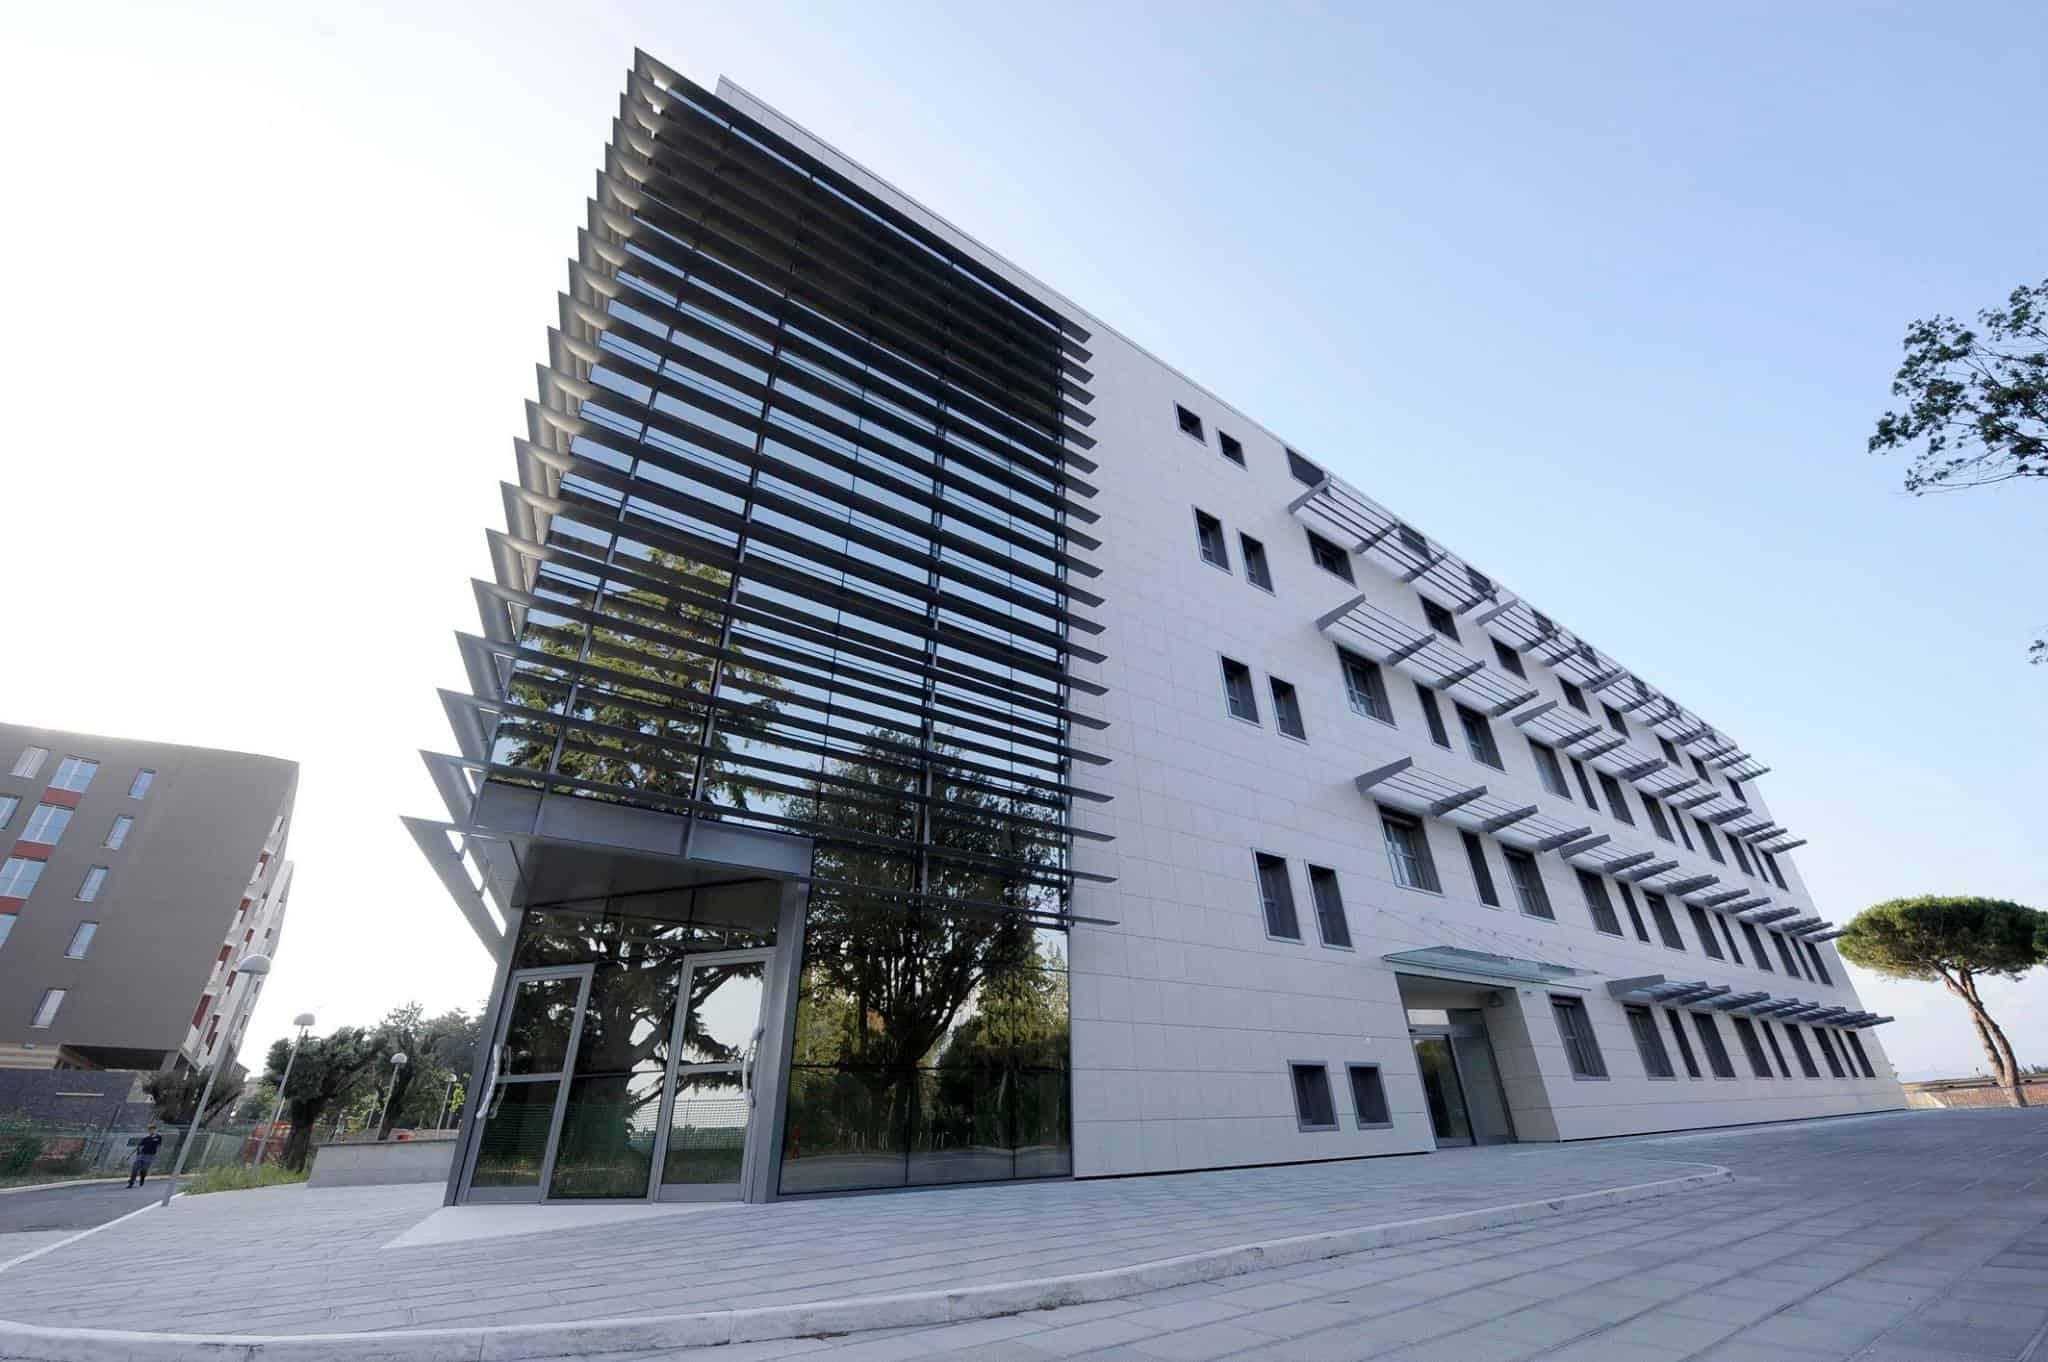 Istituto Clinico PS